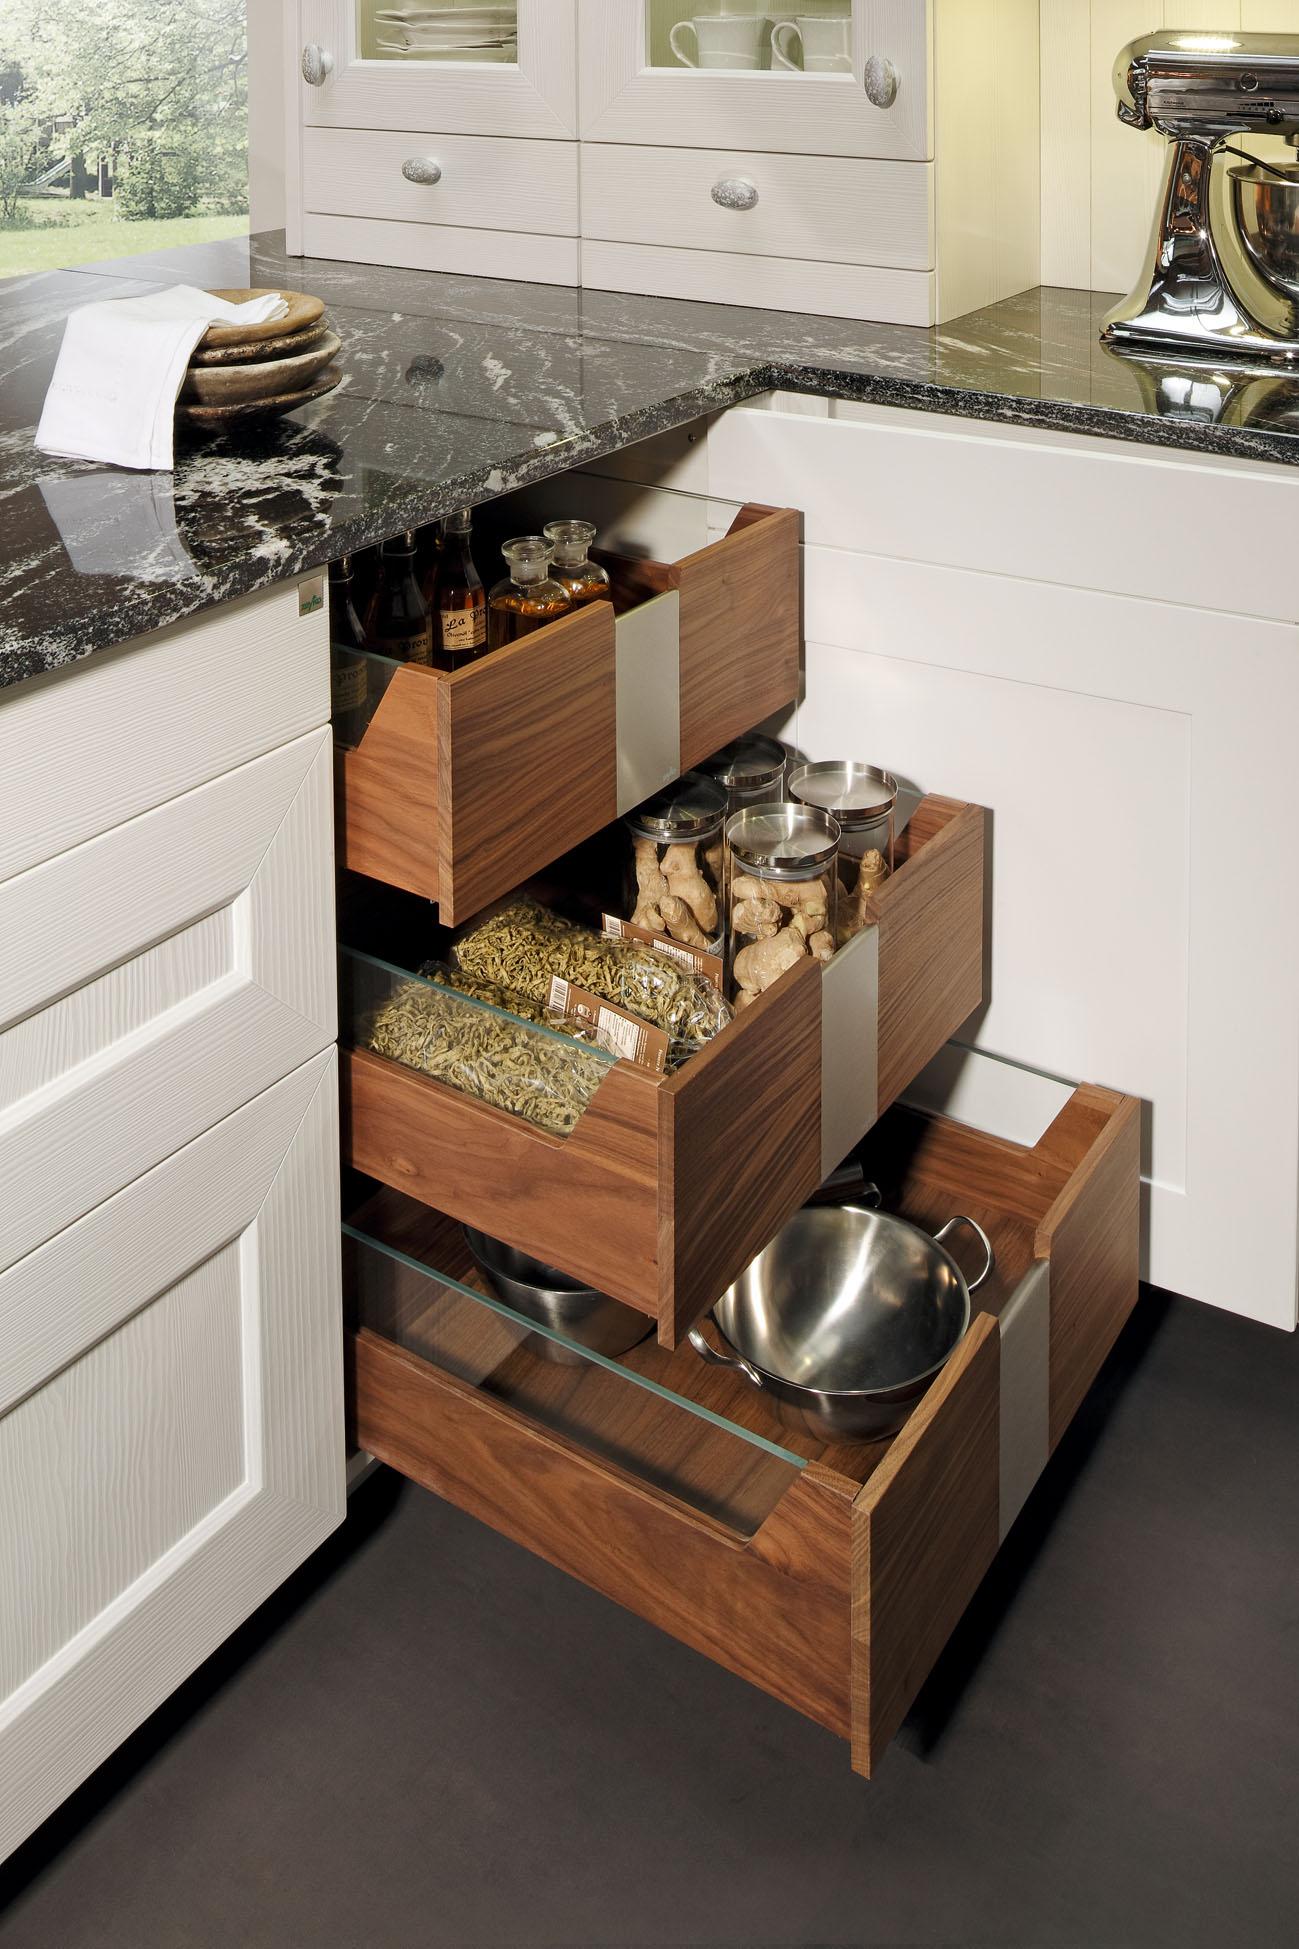 Luxe Pantry Keuken : van Zeyko – Nieuws Startpagina voor keuken idee?n UW-keuken.nl